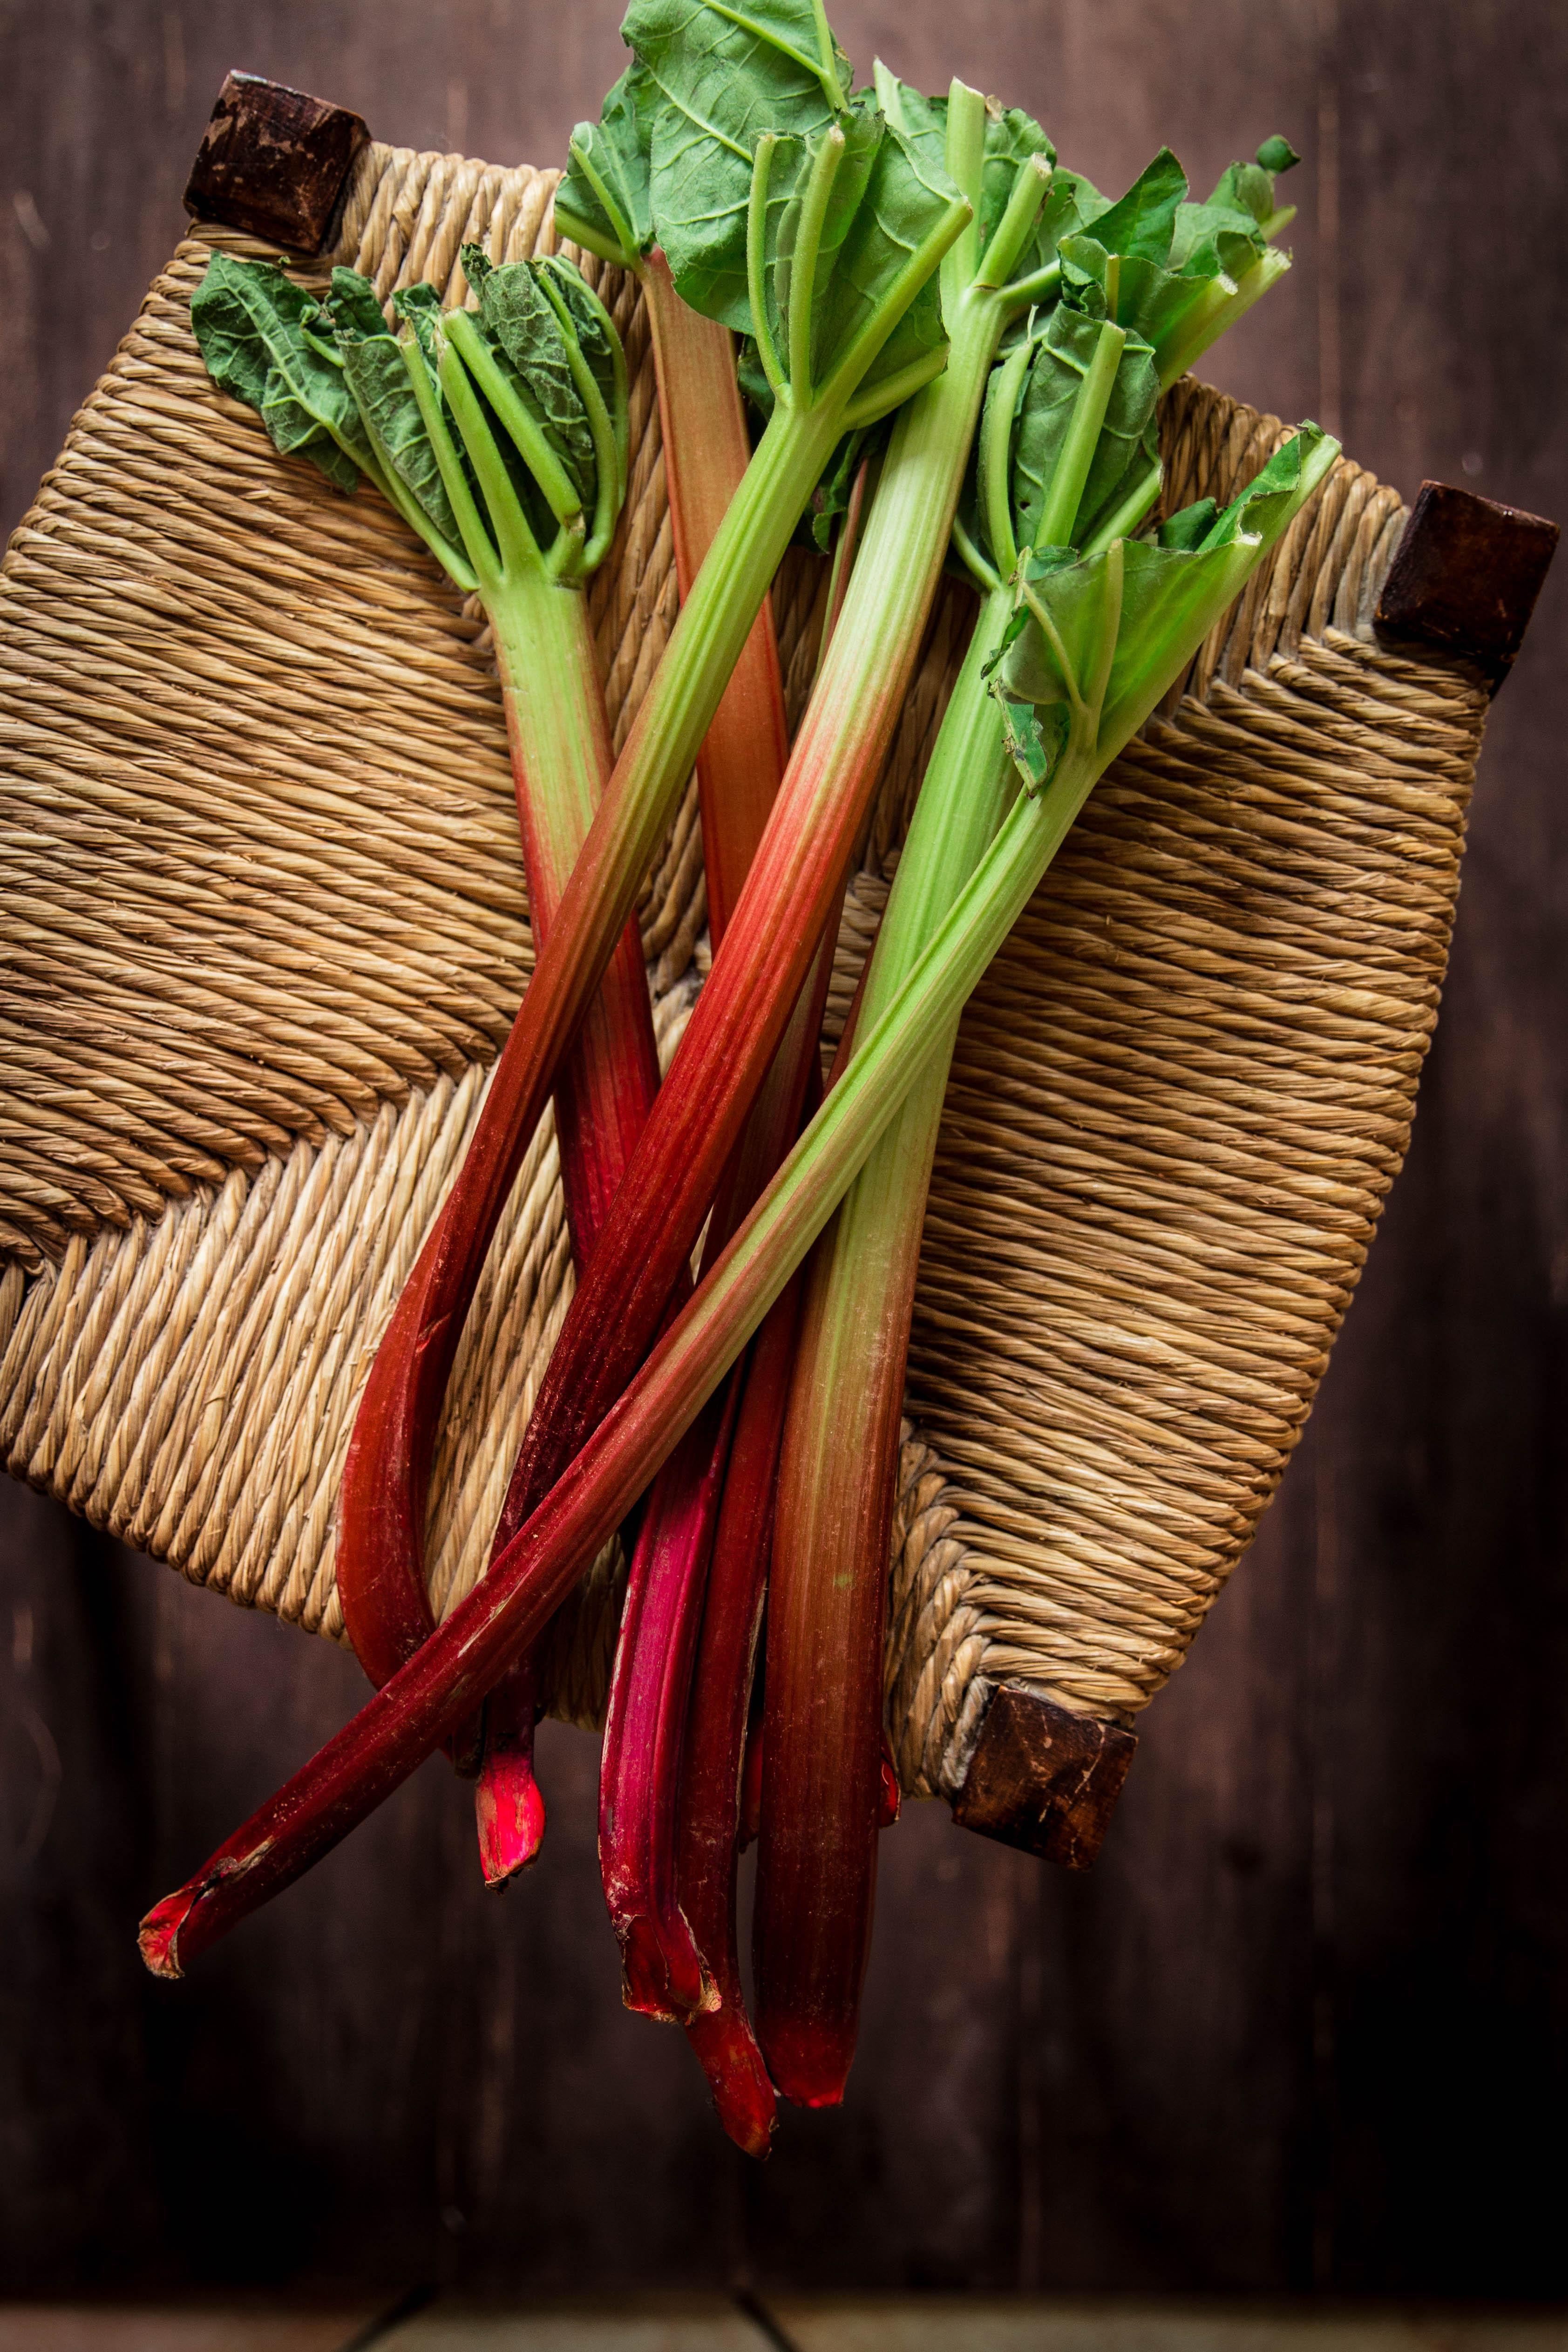 Compote maison de fraises et rhubarbe - photography